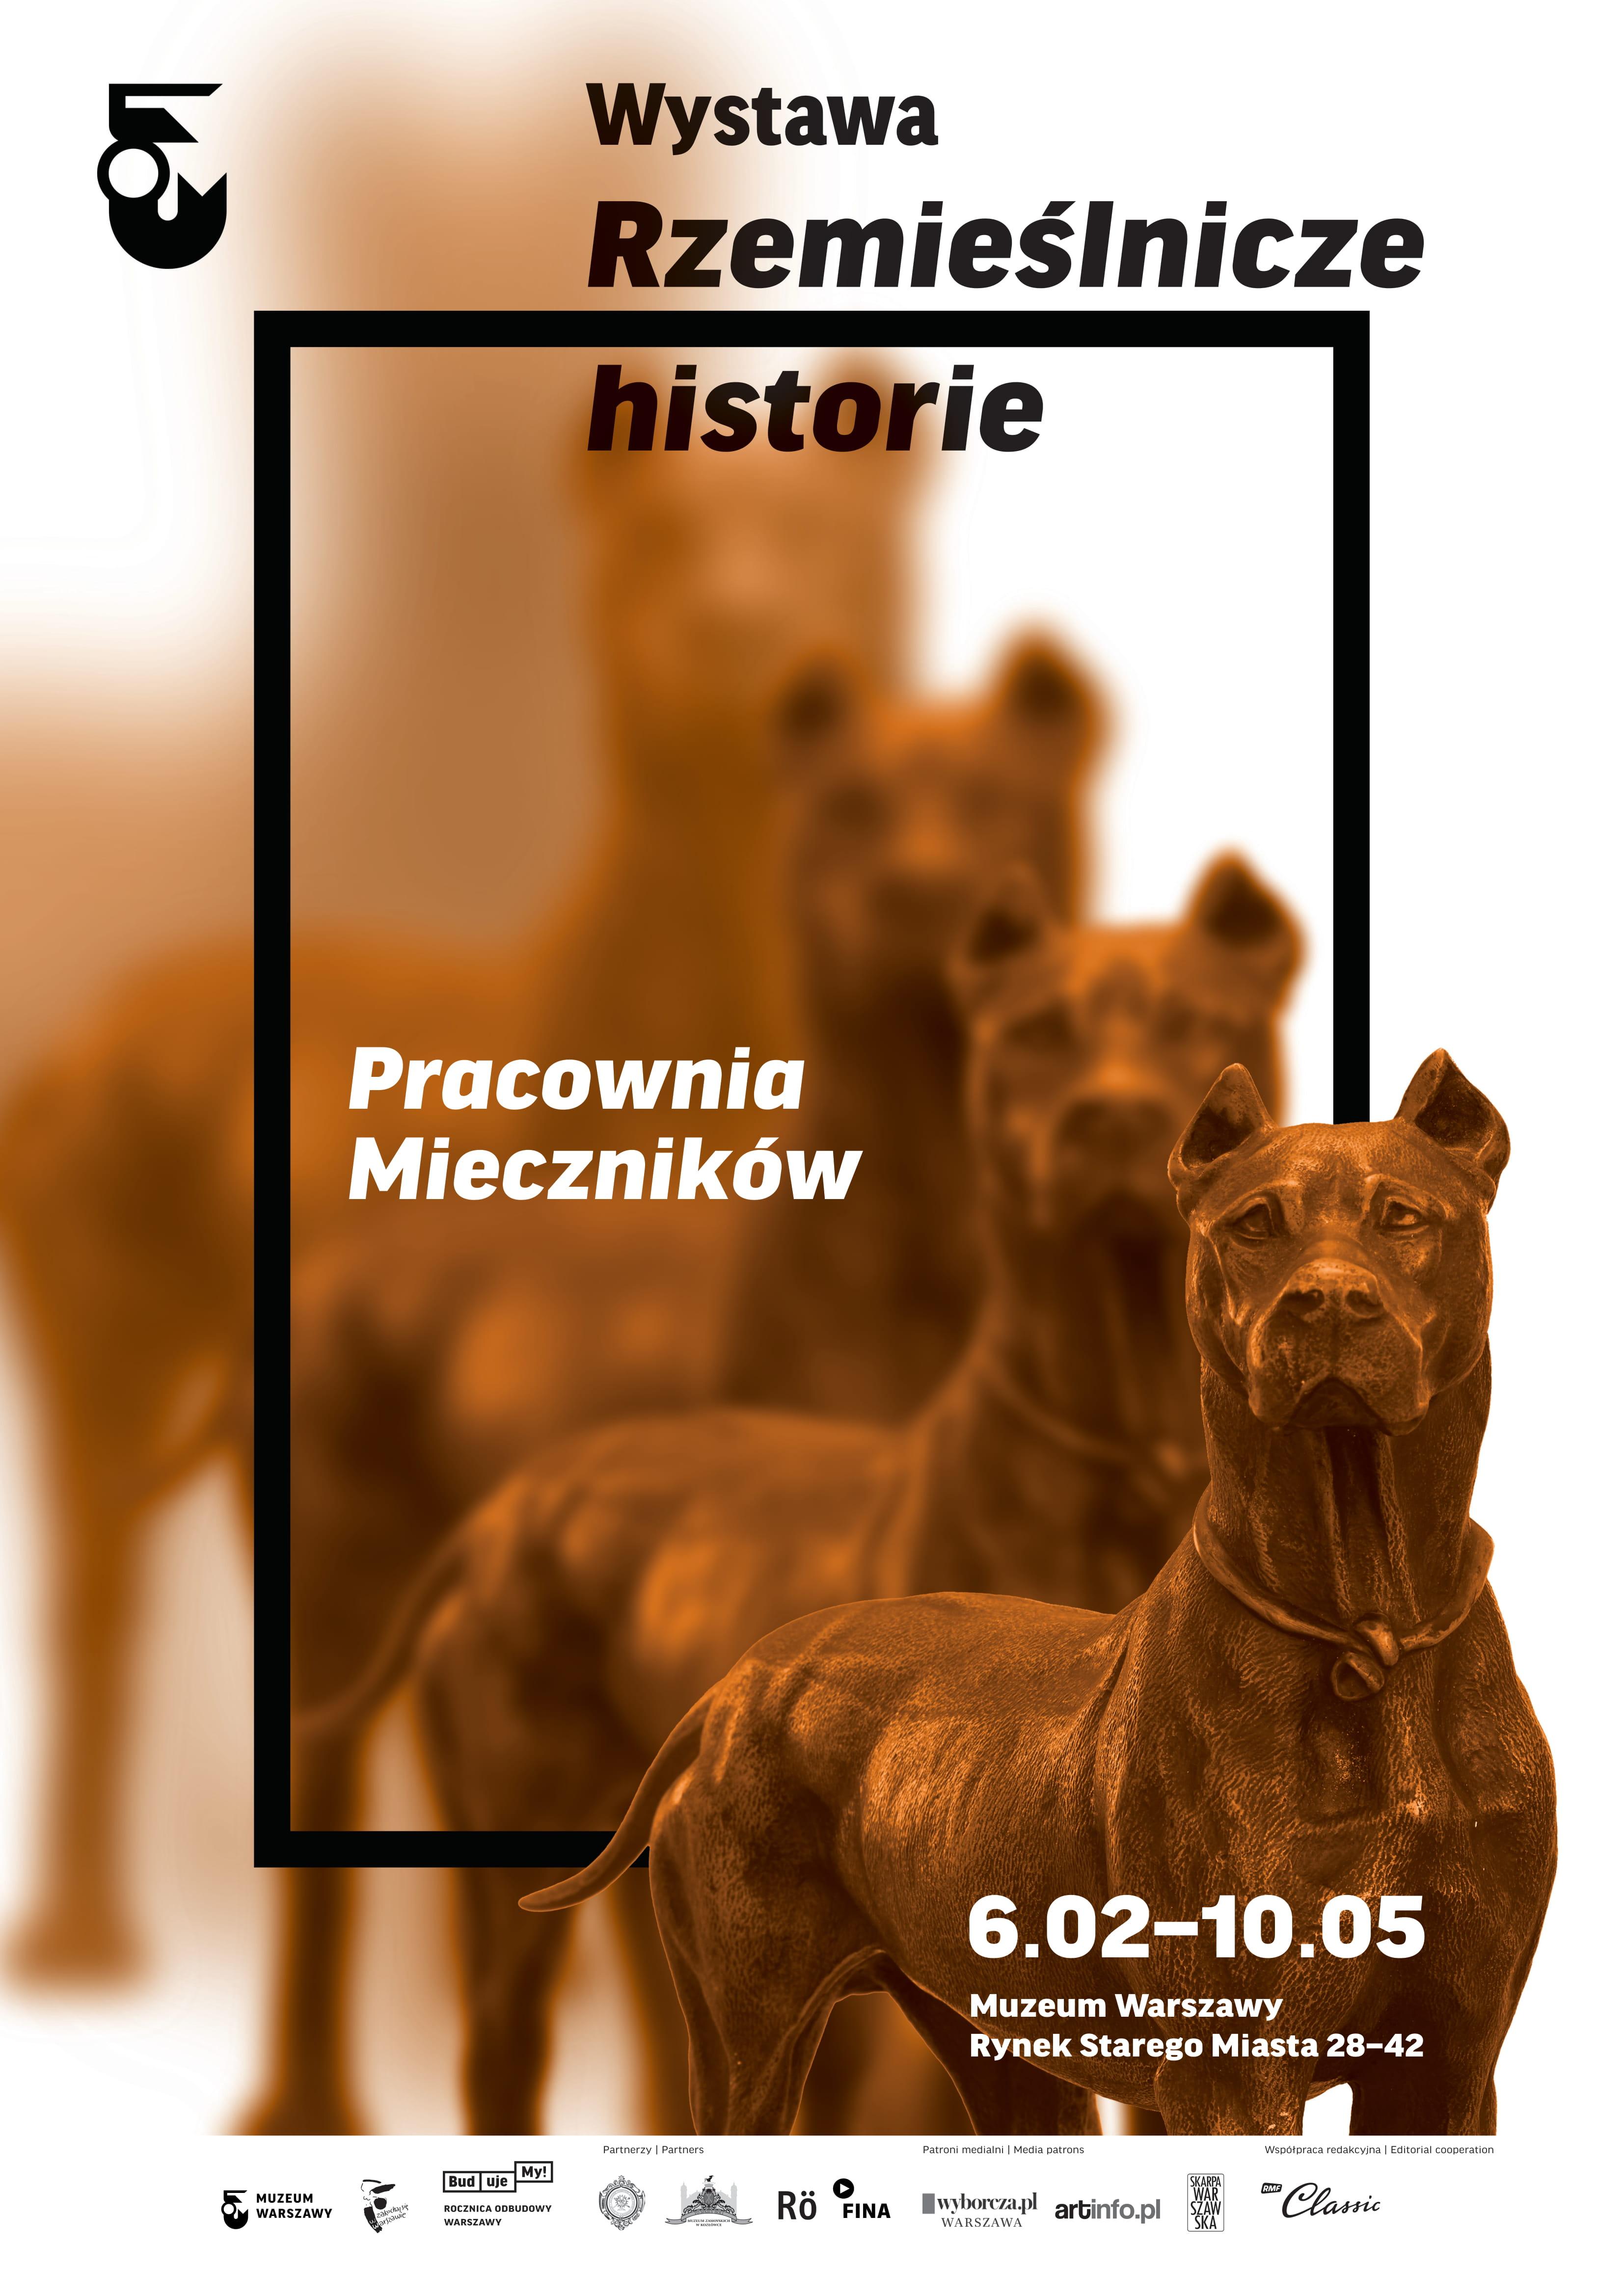 Rzemieślnicze_historie_pracownia_mieczników_plakat 3-1